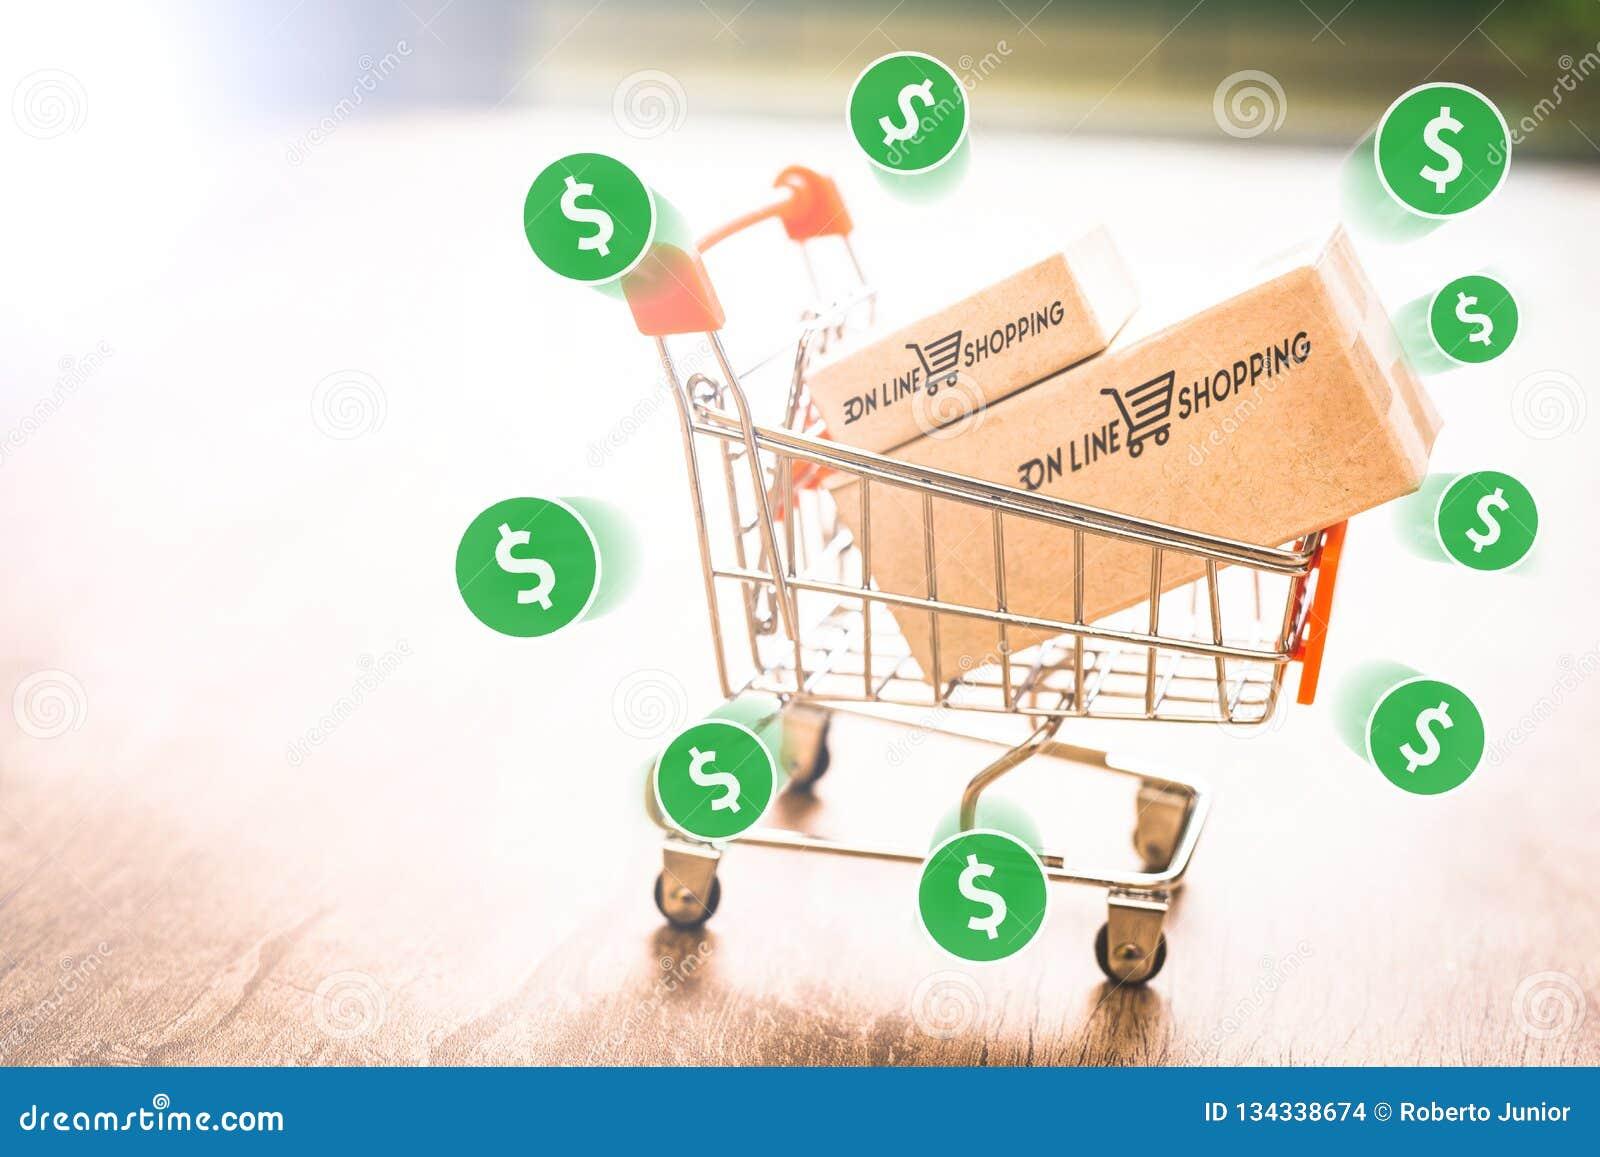 E handel, zakup i bubel online, wirtualny wózek na zakupy